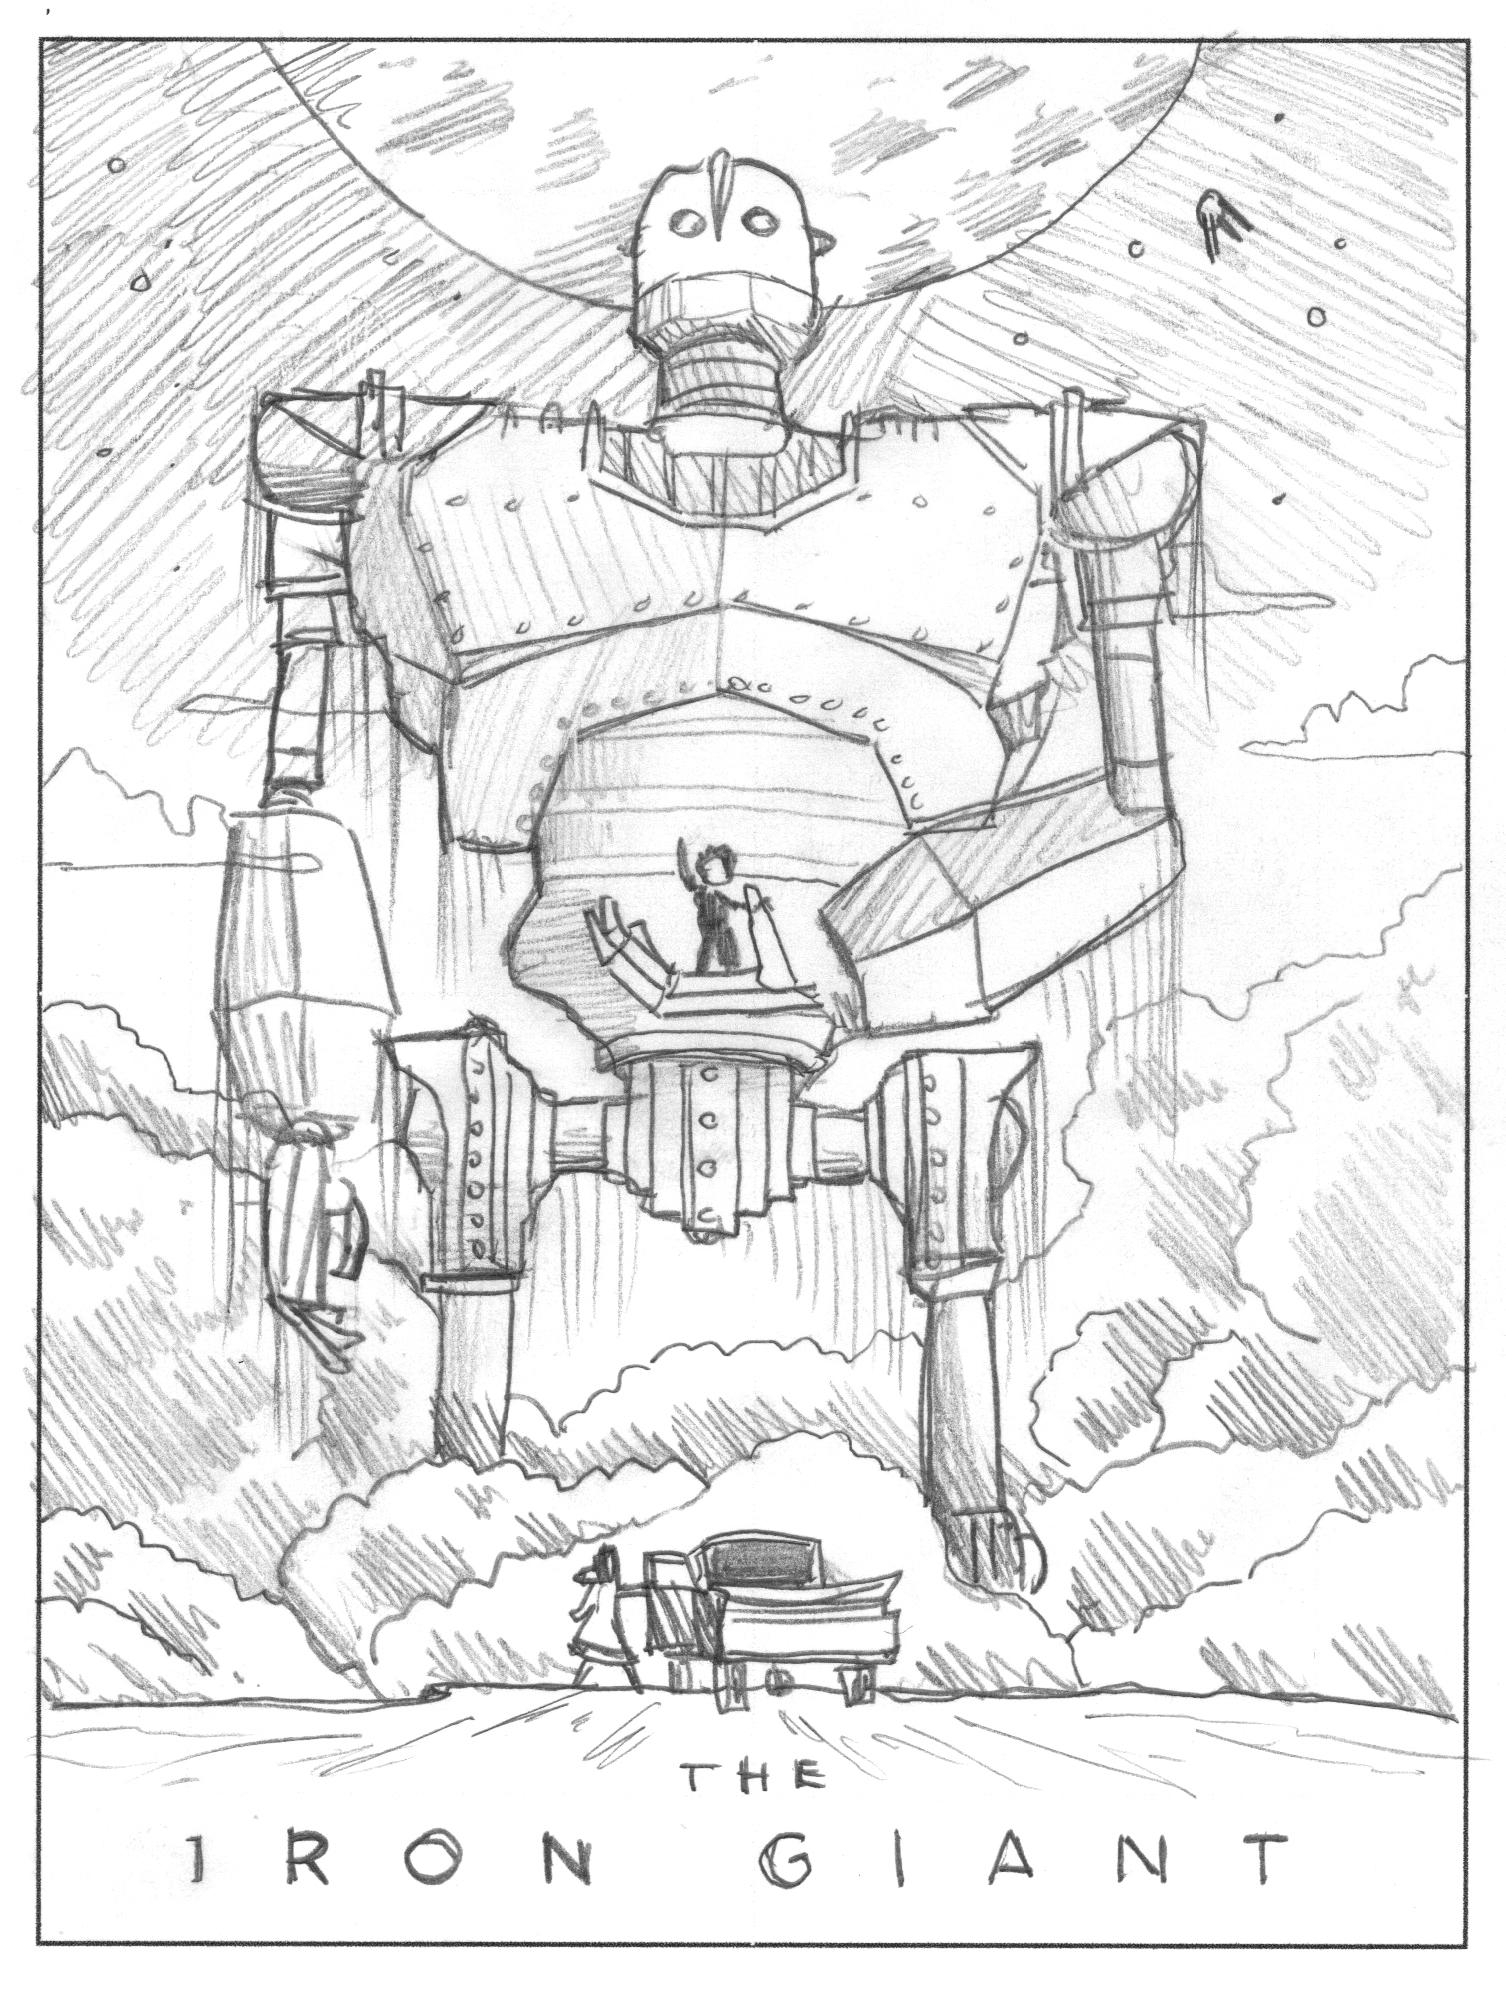 The Iron Giant Mondo Art Print — DKNG